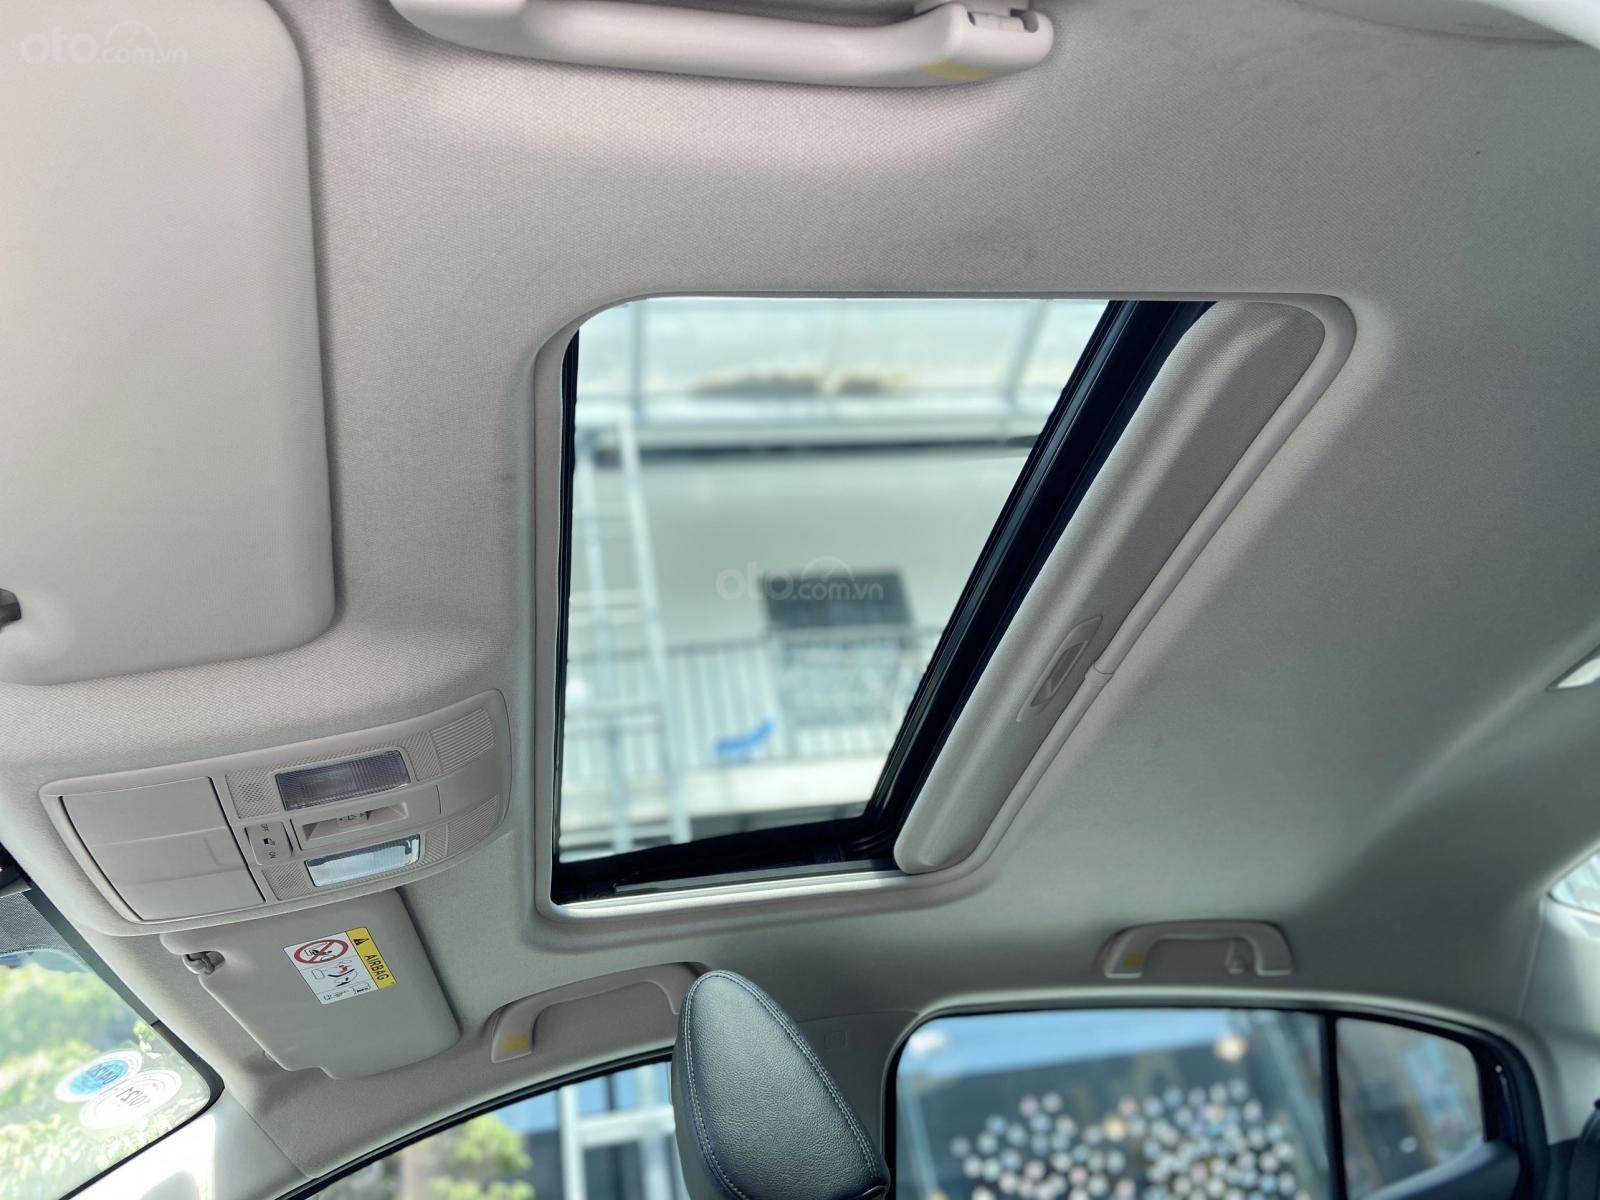 Bán Mazda 3 1.5AT 2019 có ghế điện, xe gia đình mới đi 7.000 km, zin nguyên bản 100%, như xe hãng (11)